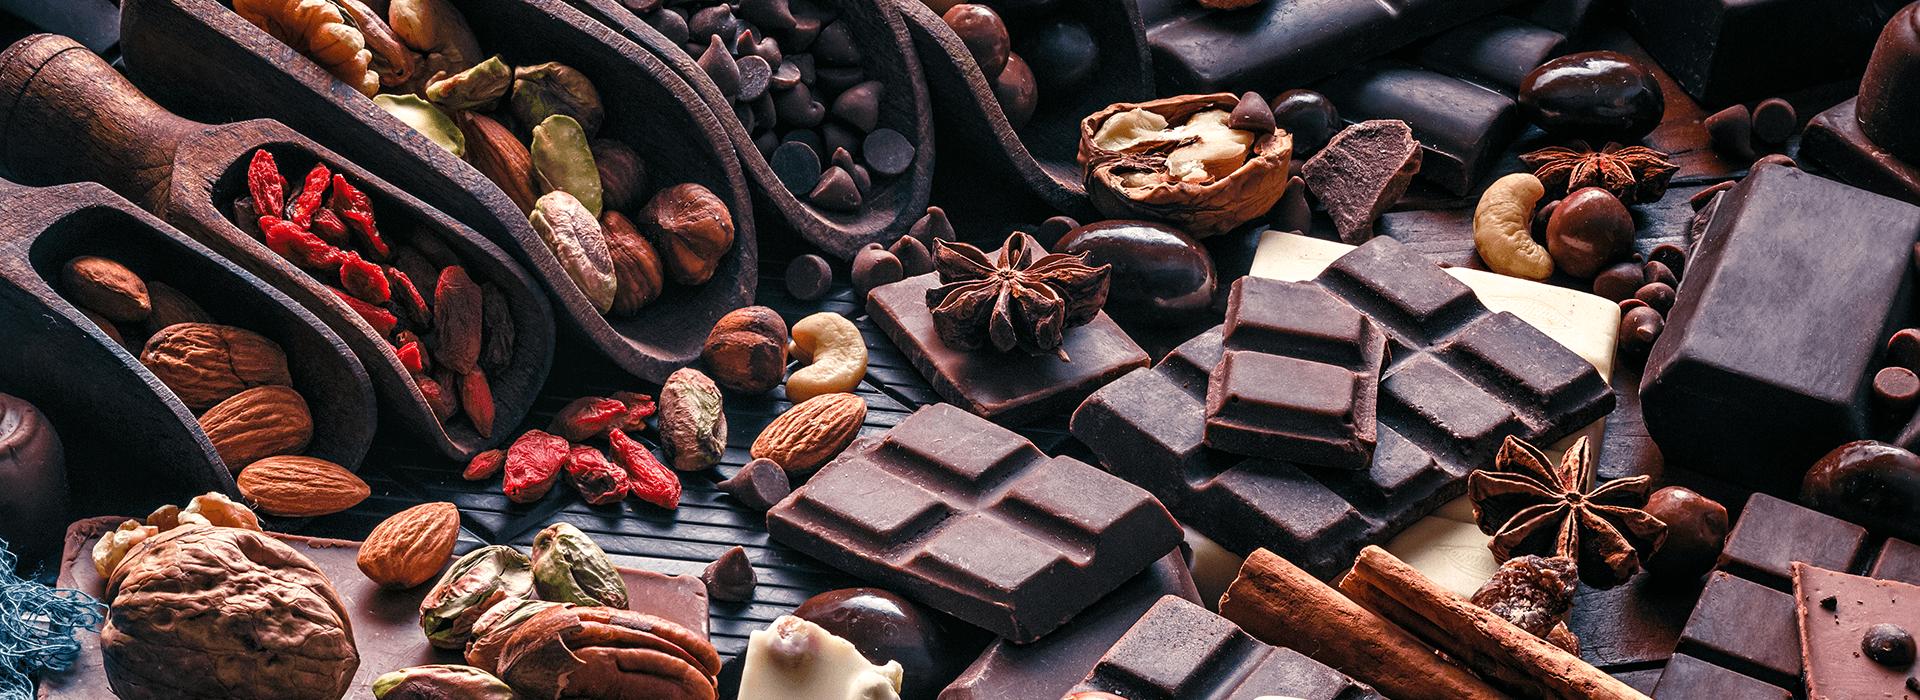 ingrédients et épices à chocolat